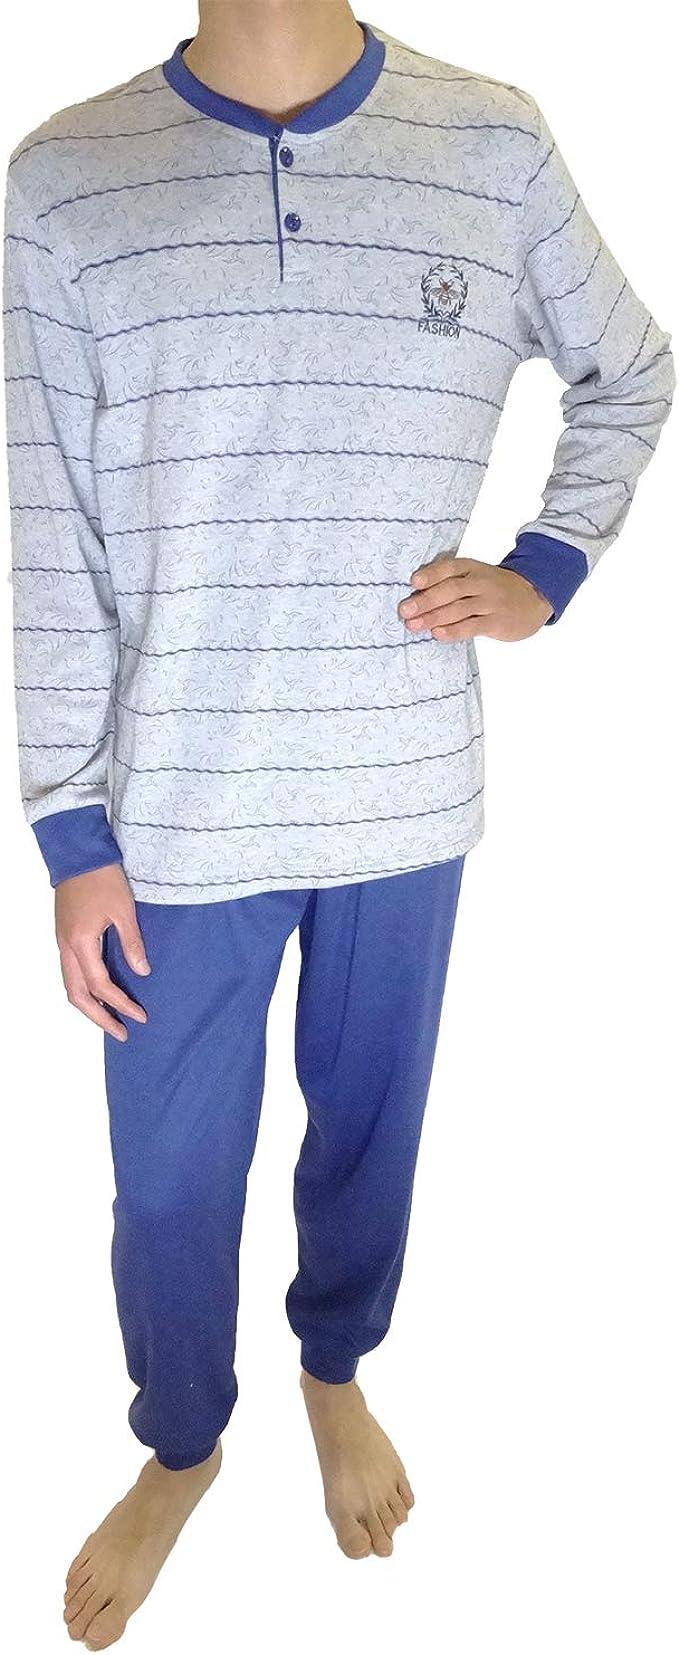 Mini kitten - Pijama de Caballero Hombre con Felpa de Algodon Camiseta Manga Larga y Pantalon Largo con puño/Ropa para Dormir Comodo.: Amazon.es: Ropa y accesorios